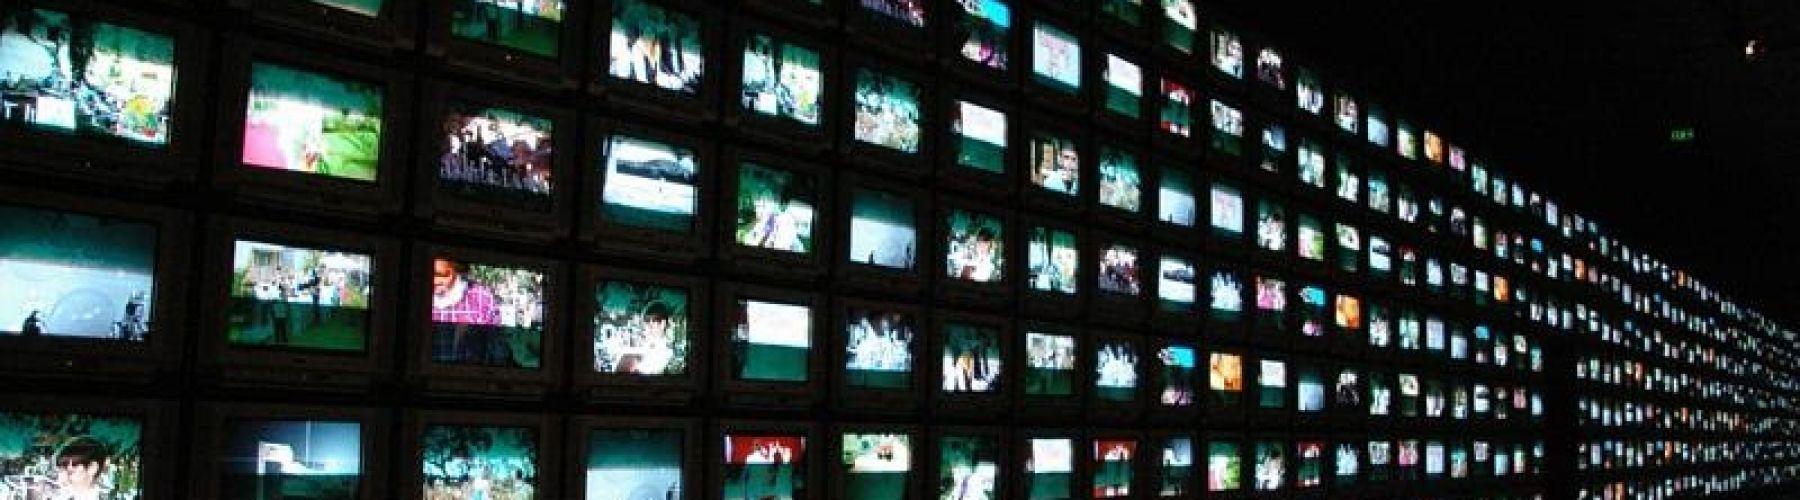 Hulu verdient maandelijks $ 15 aan omzet per klant ...